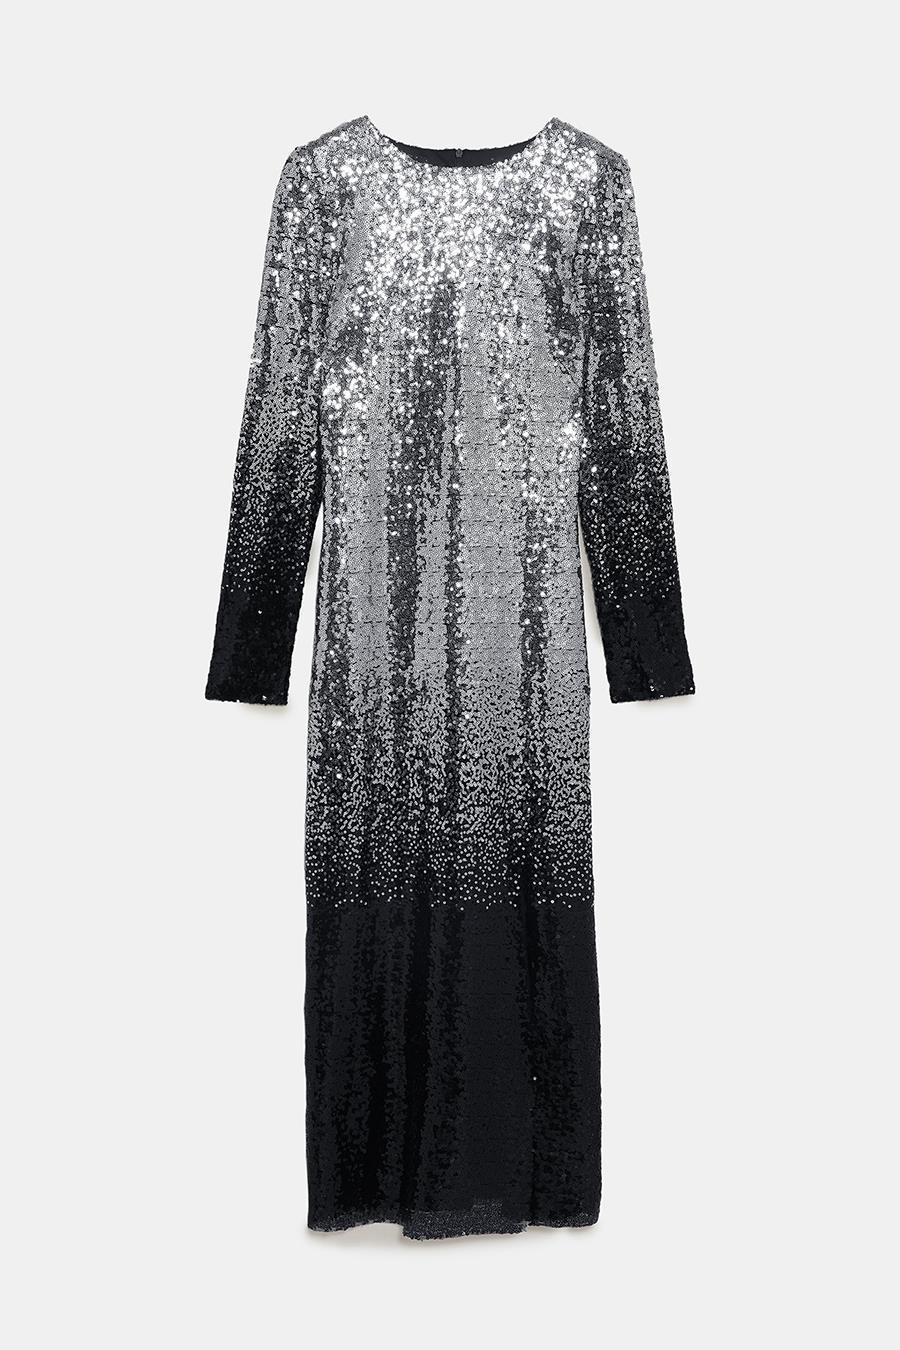 sensación cómoda más vendido estética de lujo Colección de fiesta de Zara 2018/19: todos los looks de ...